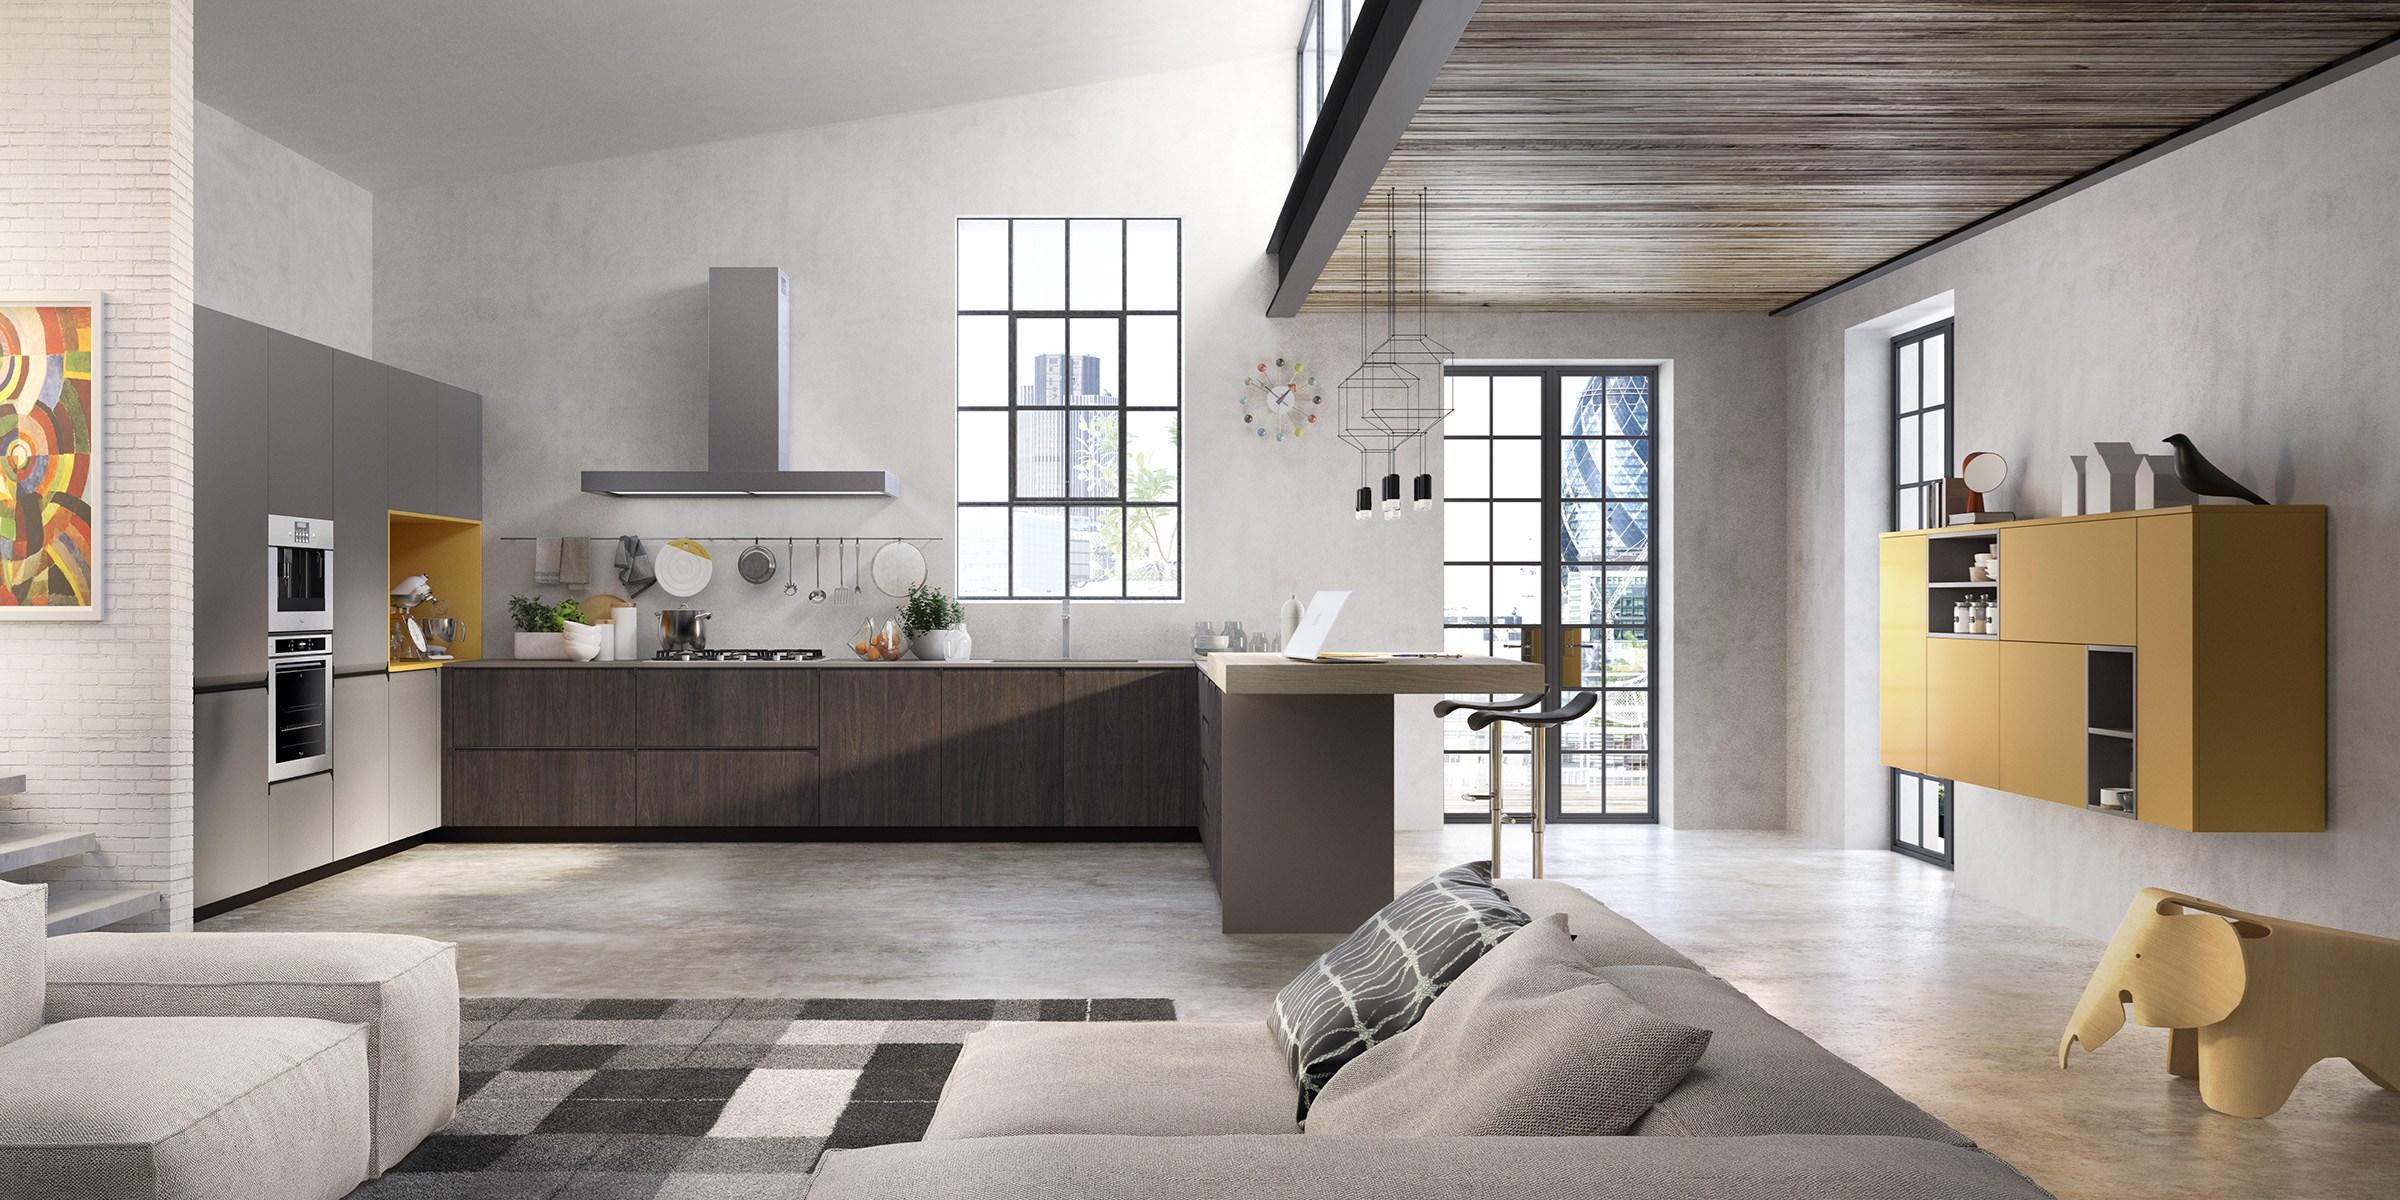 Del tongo gibilterra mobili gala - Del tongo cucina ...